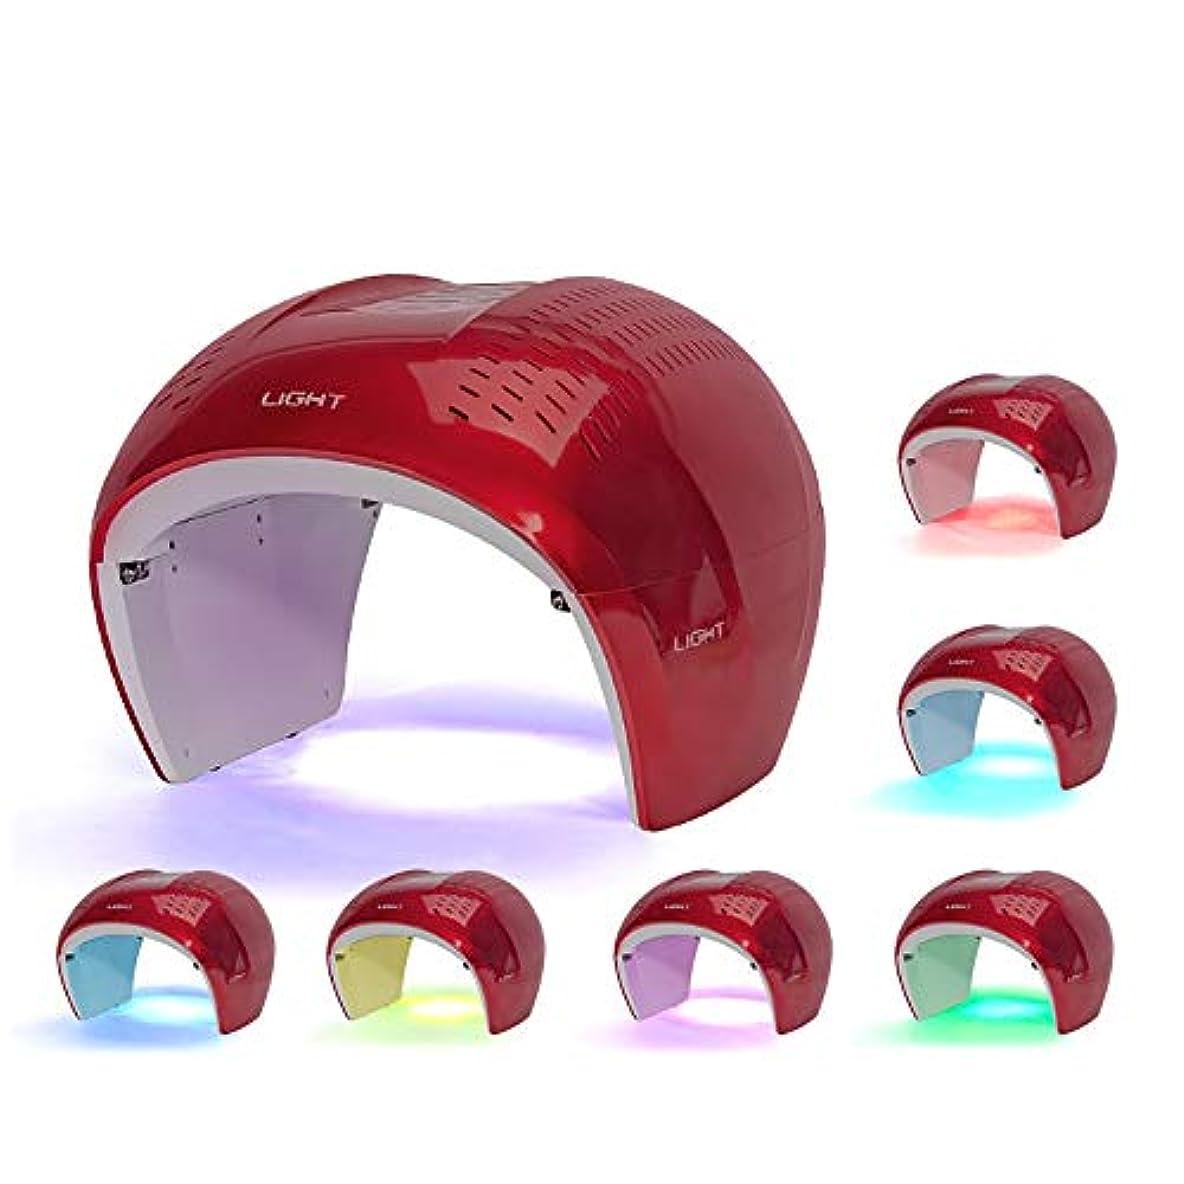 ホイスト出会い突き刺すLEDフェイスマスク、7色LEDマスクフォトンライトスキンリジュビネーションセラピーフェイシャルスキンケアマスク、アンチエイジング、シワ、